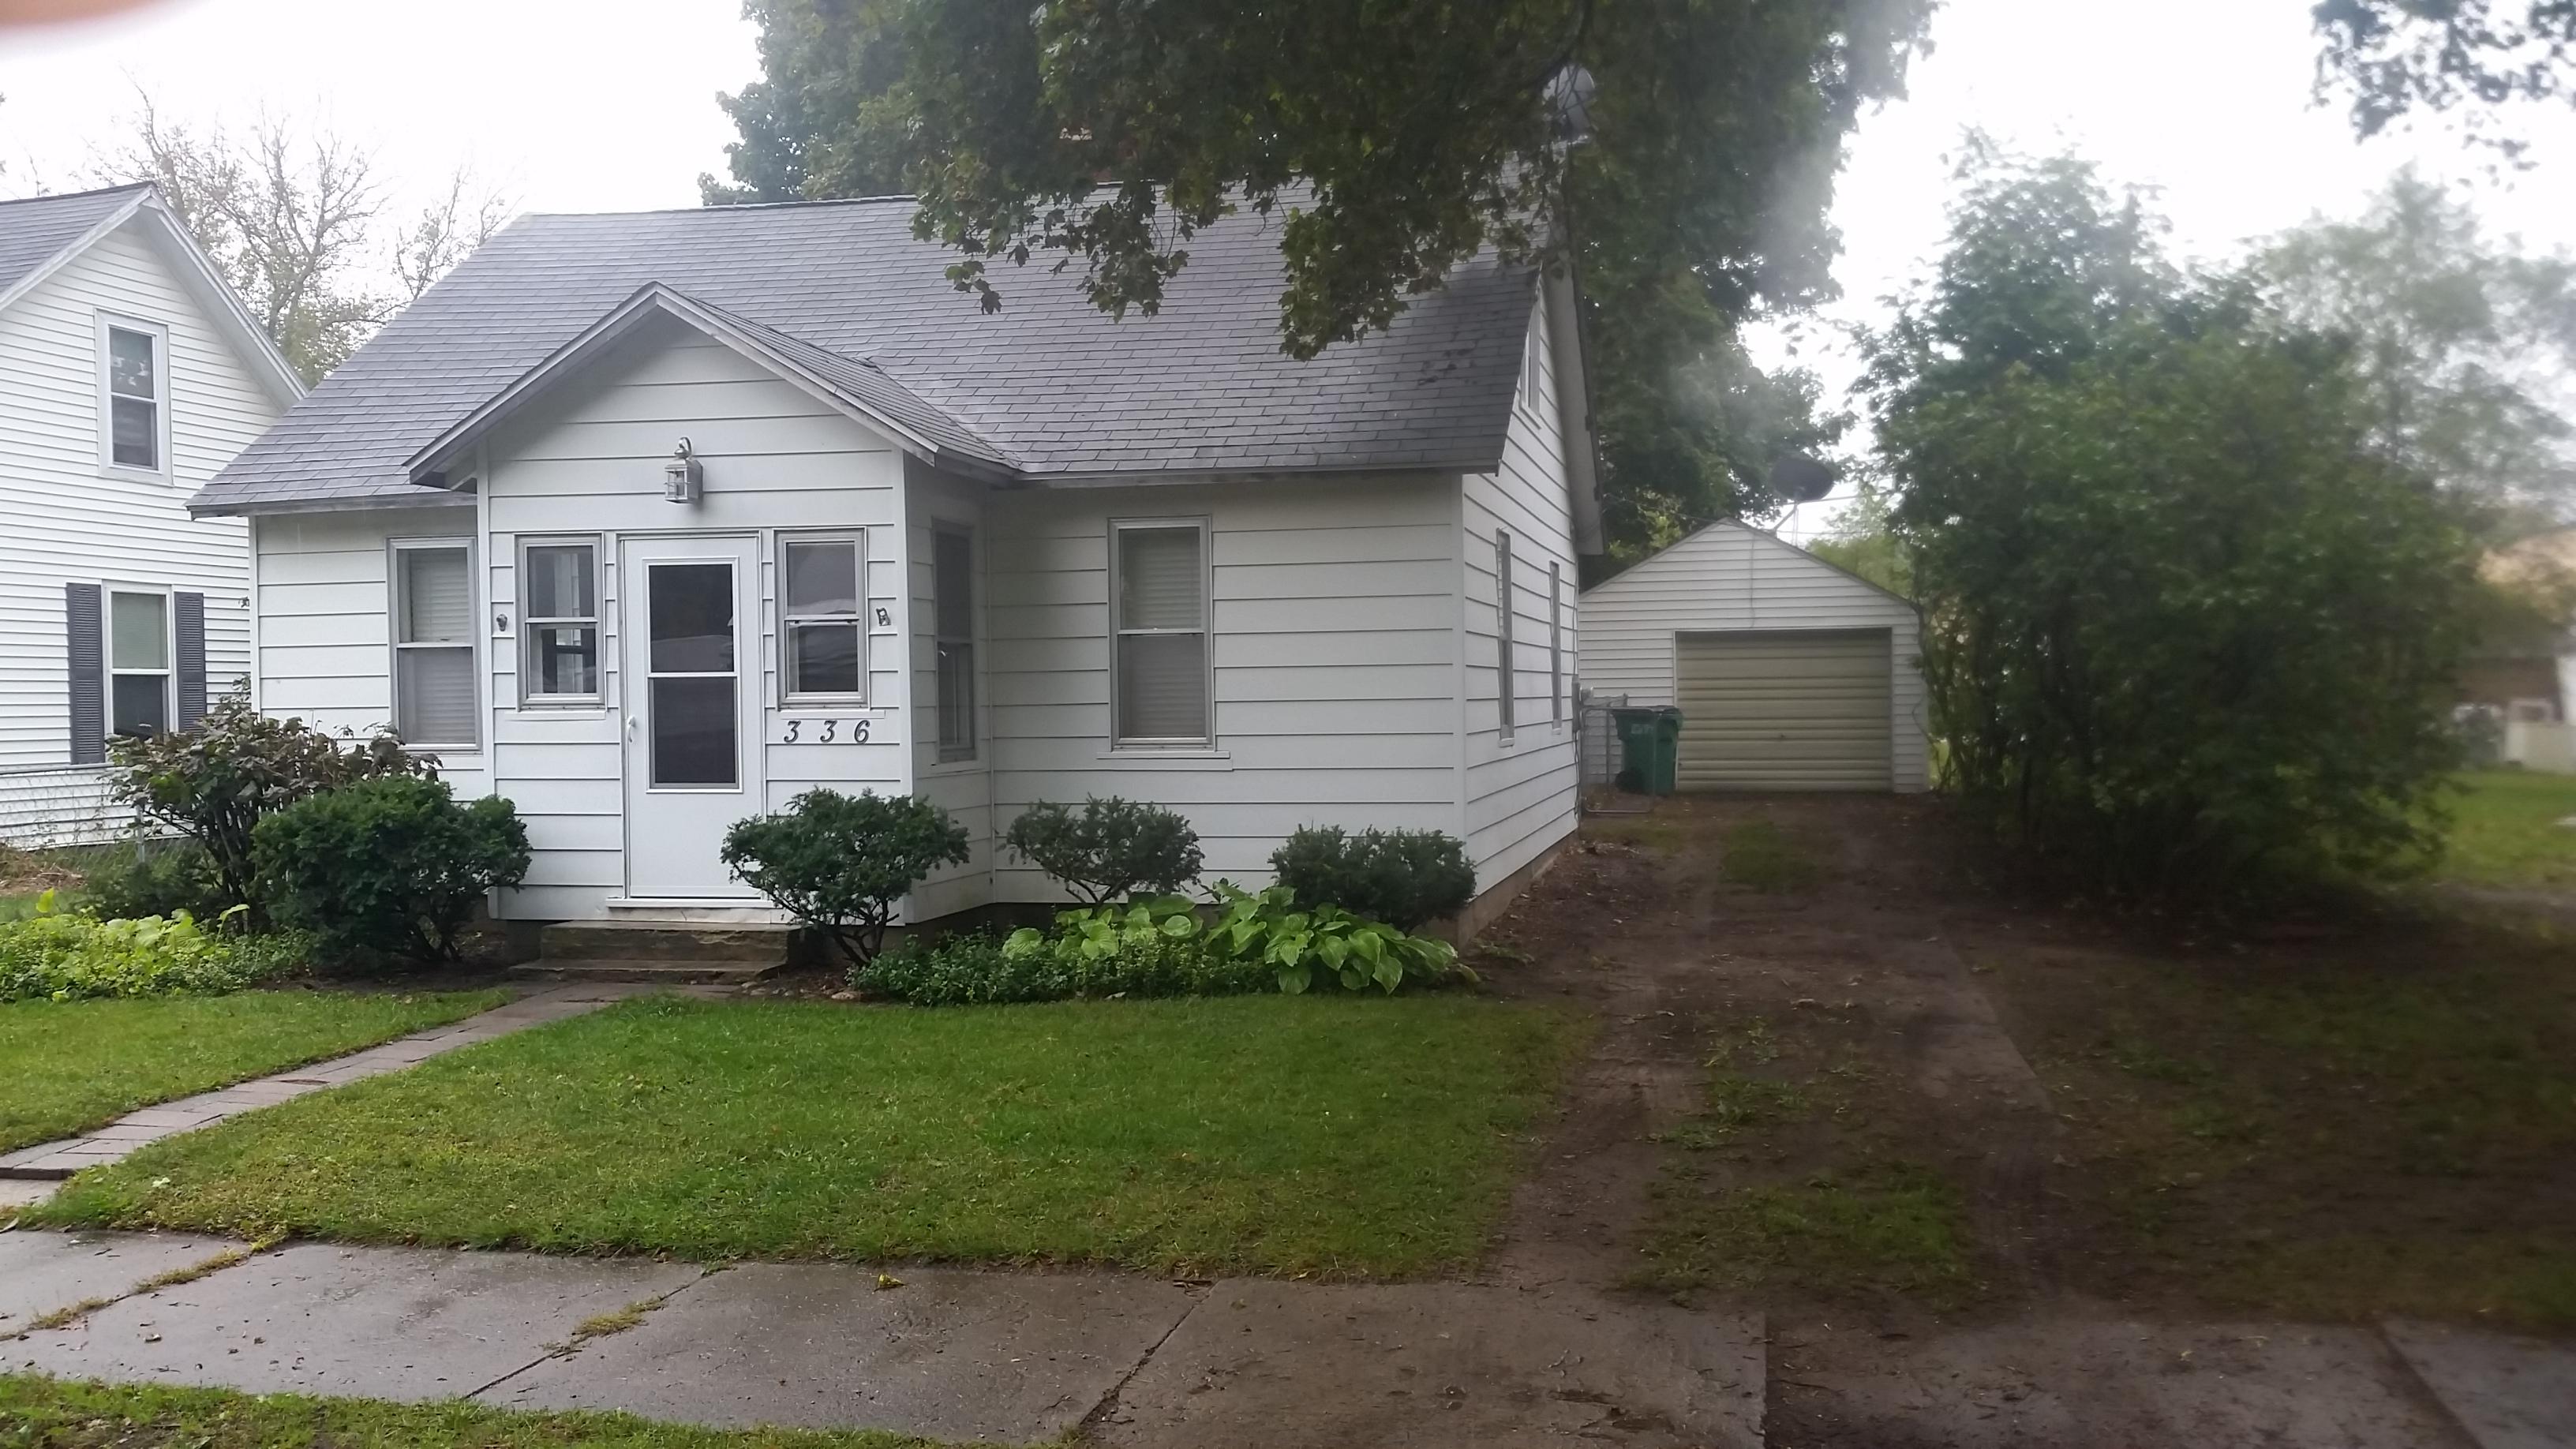 336 Maple St, Gladwin, Michigan 48624